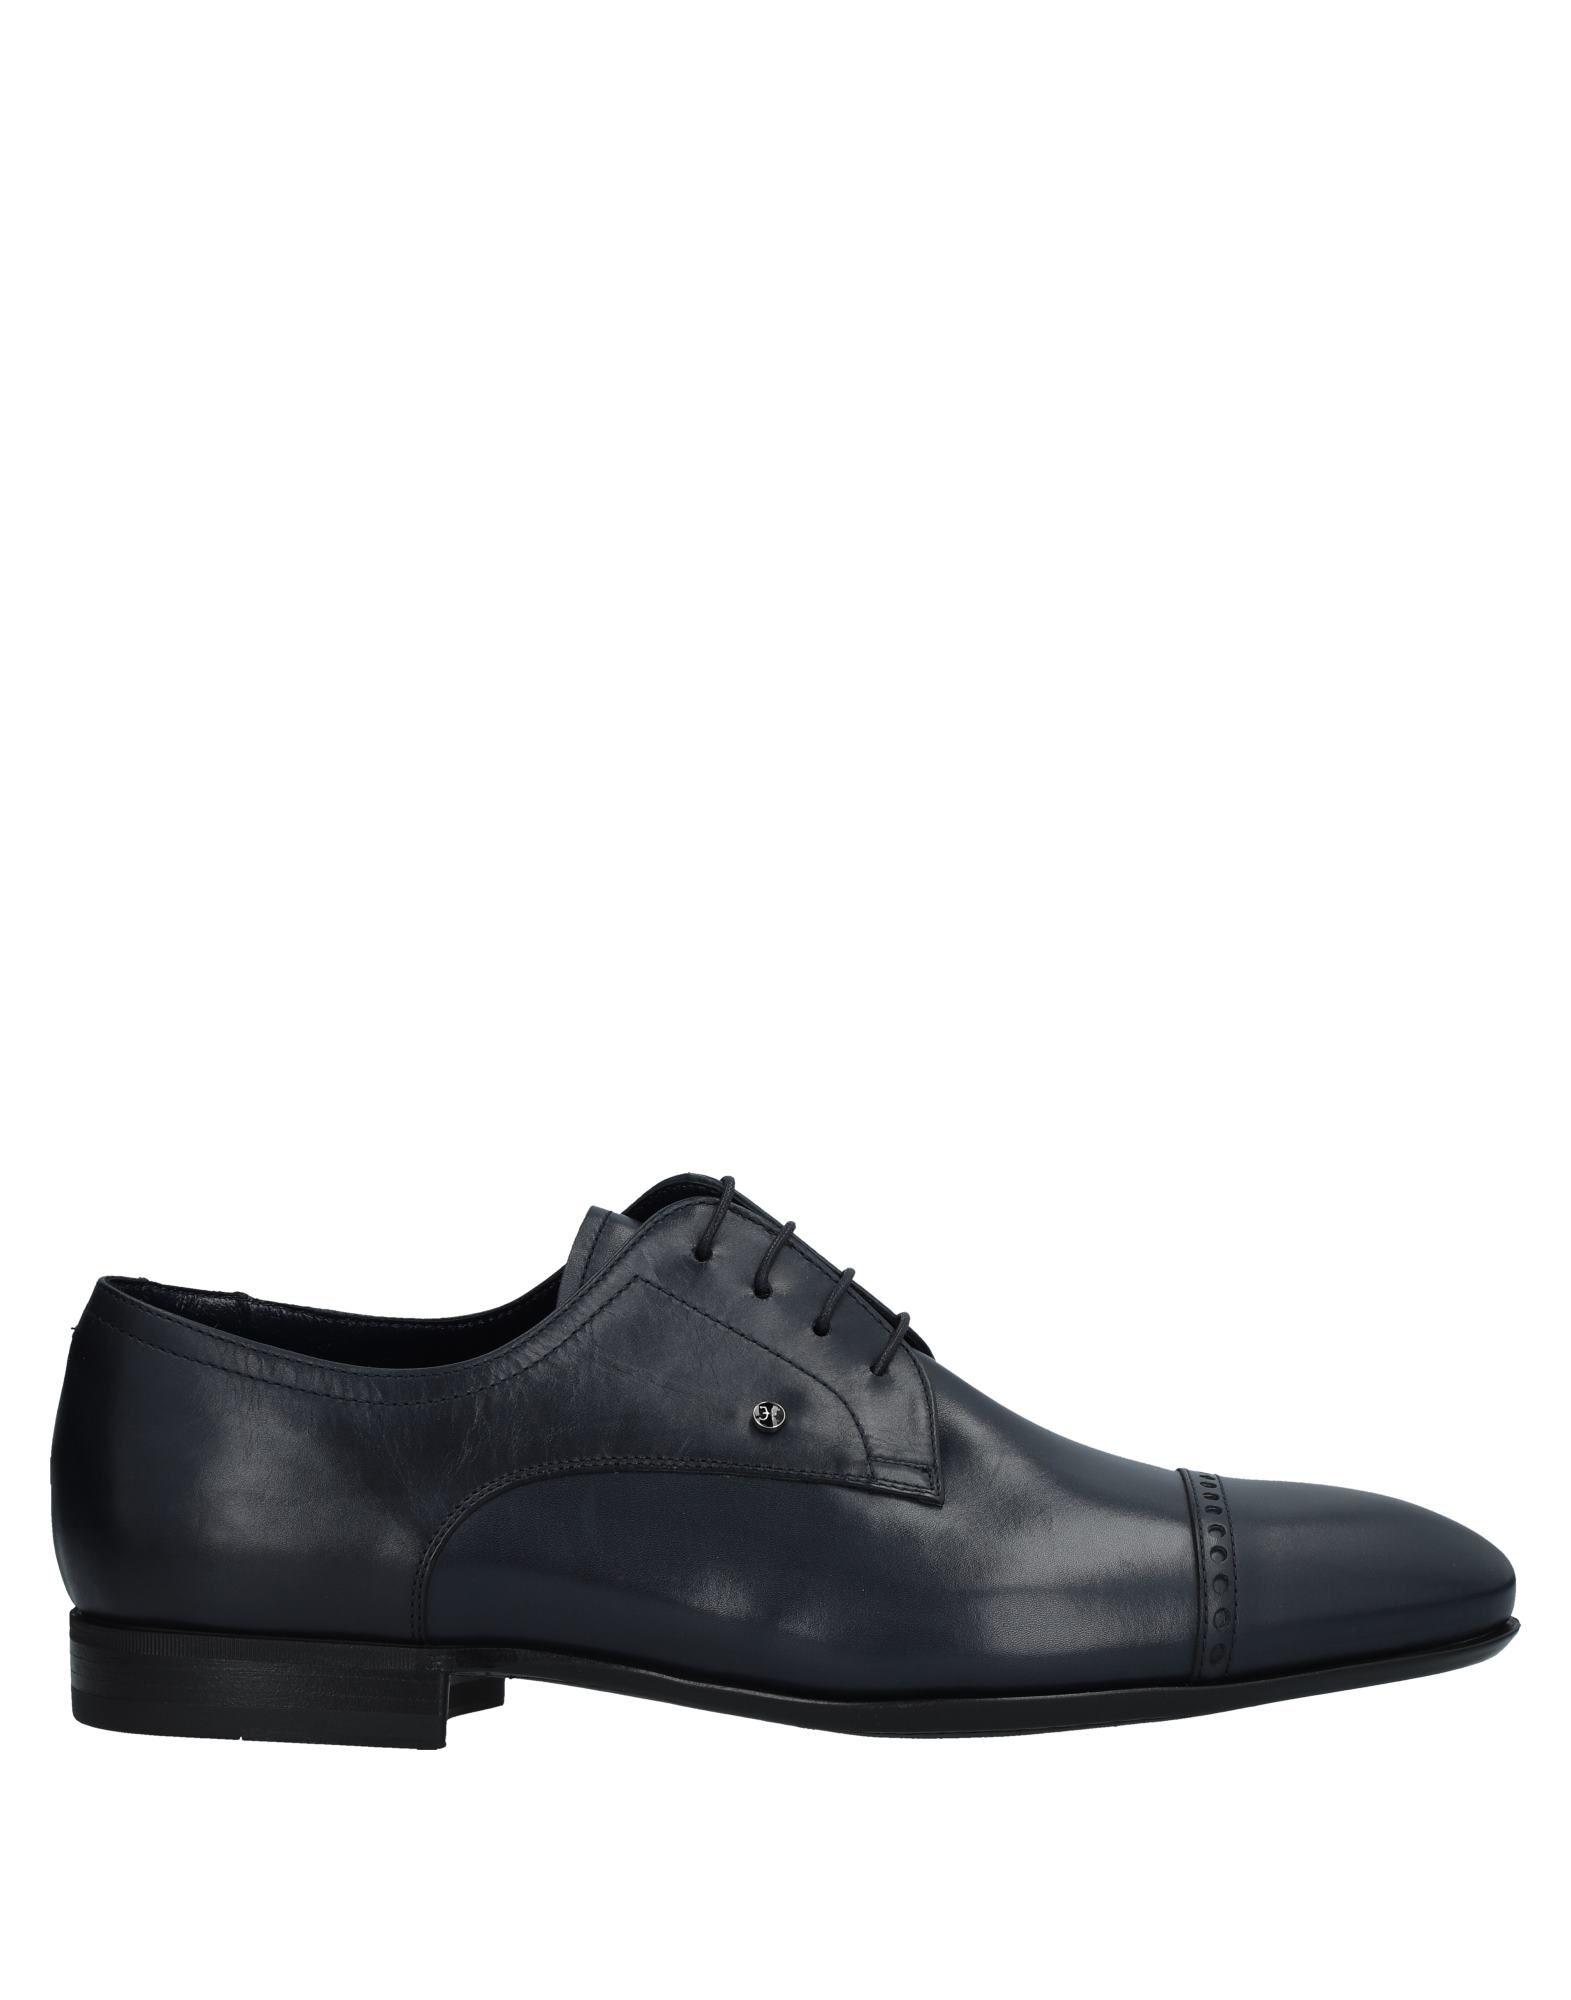 Fabi Schnürschuhe Herren  11536124OR Gute Qualität beliebte Schuhe